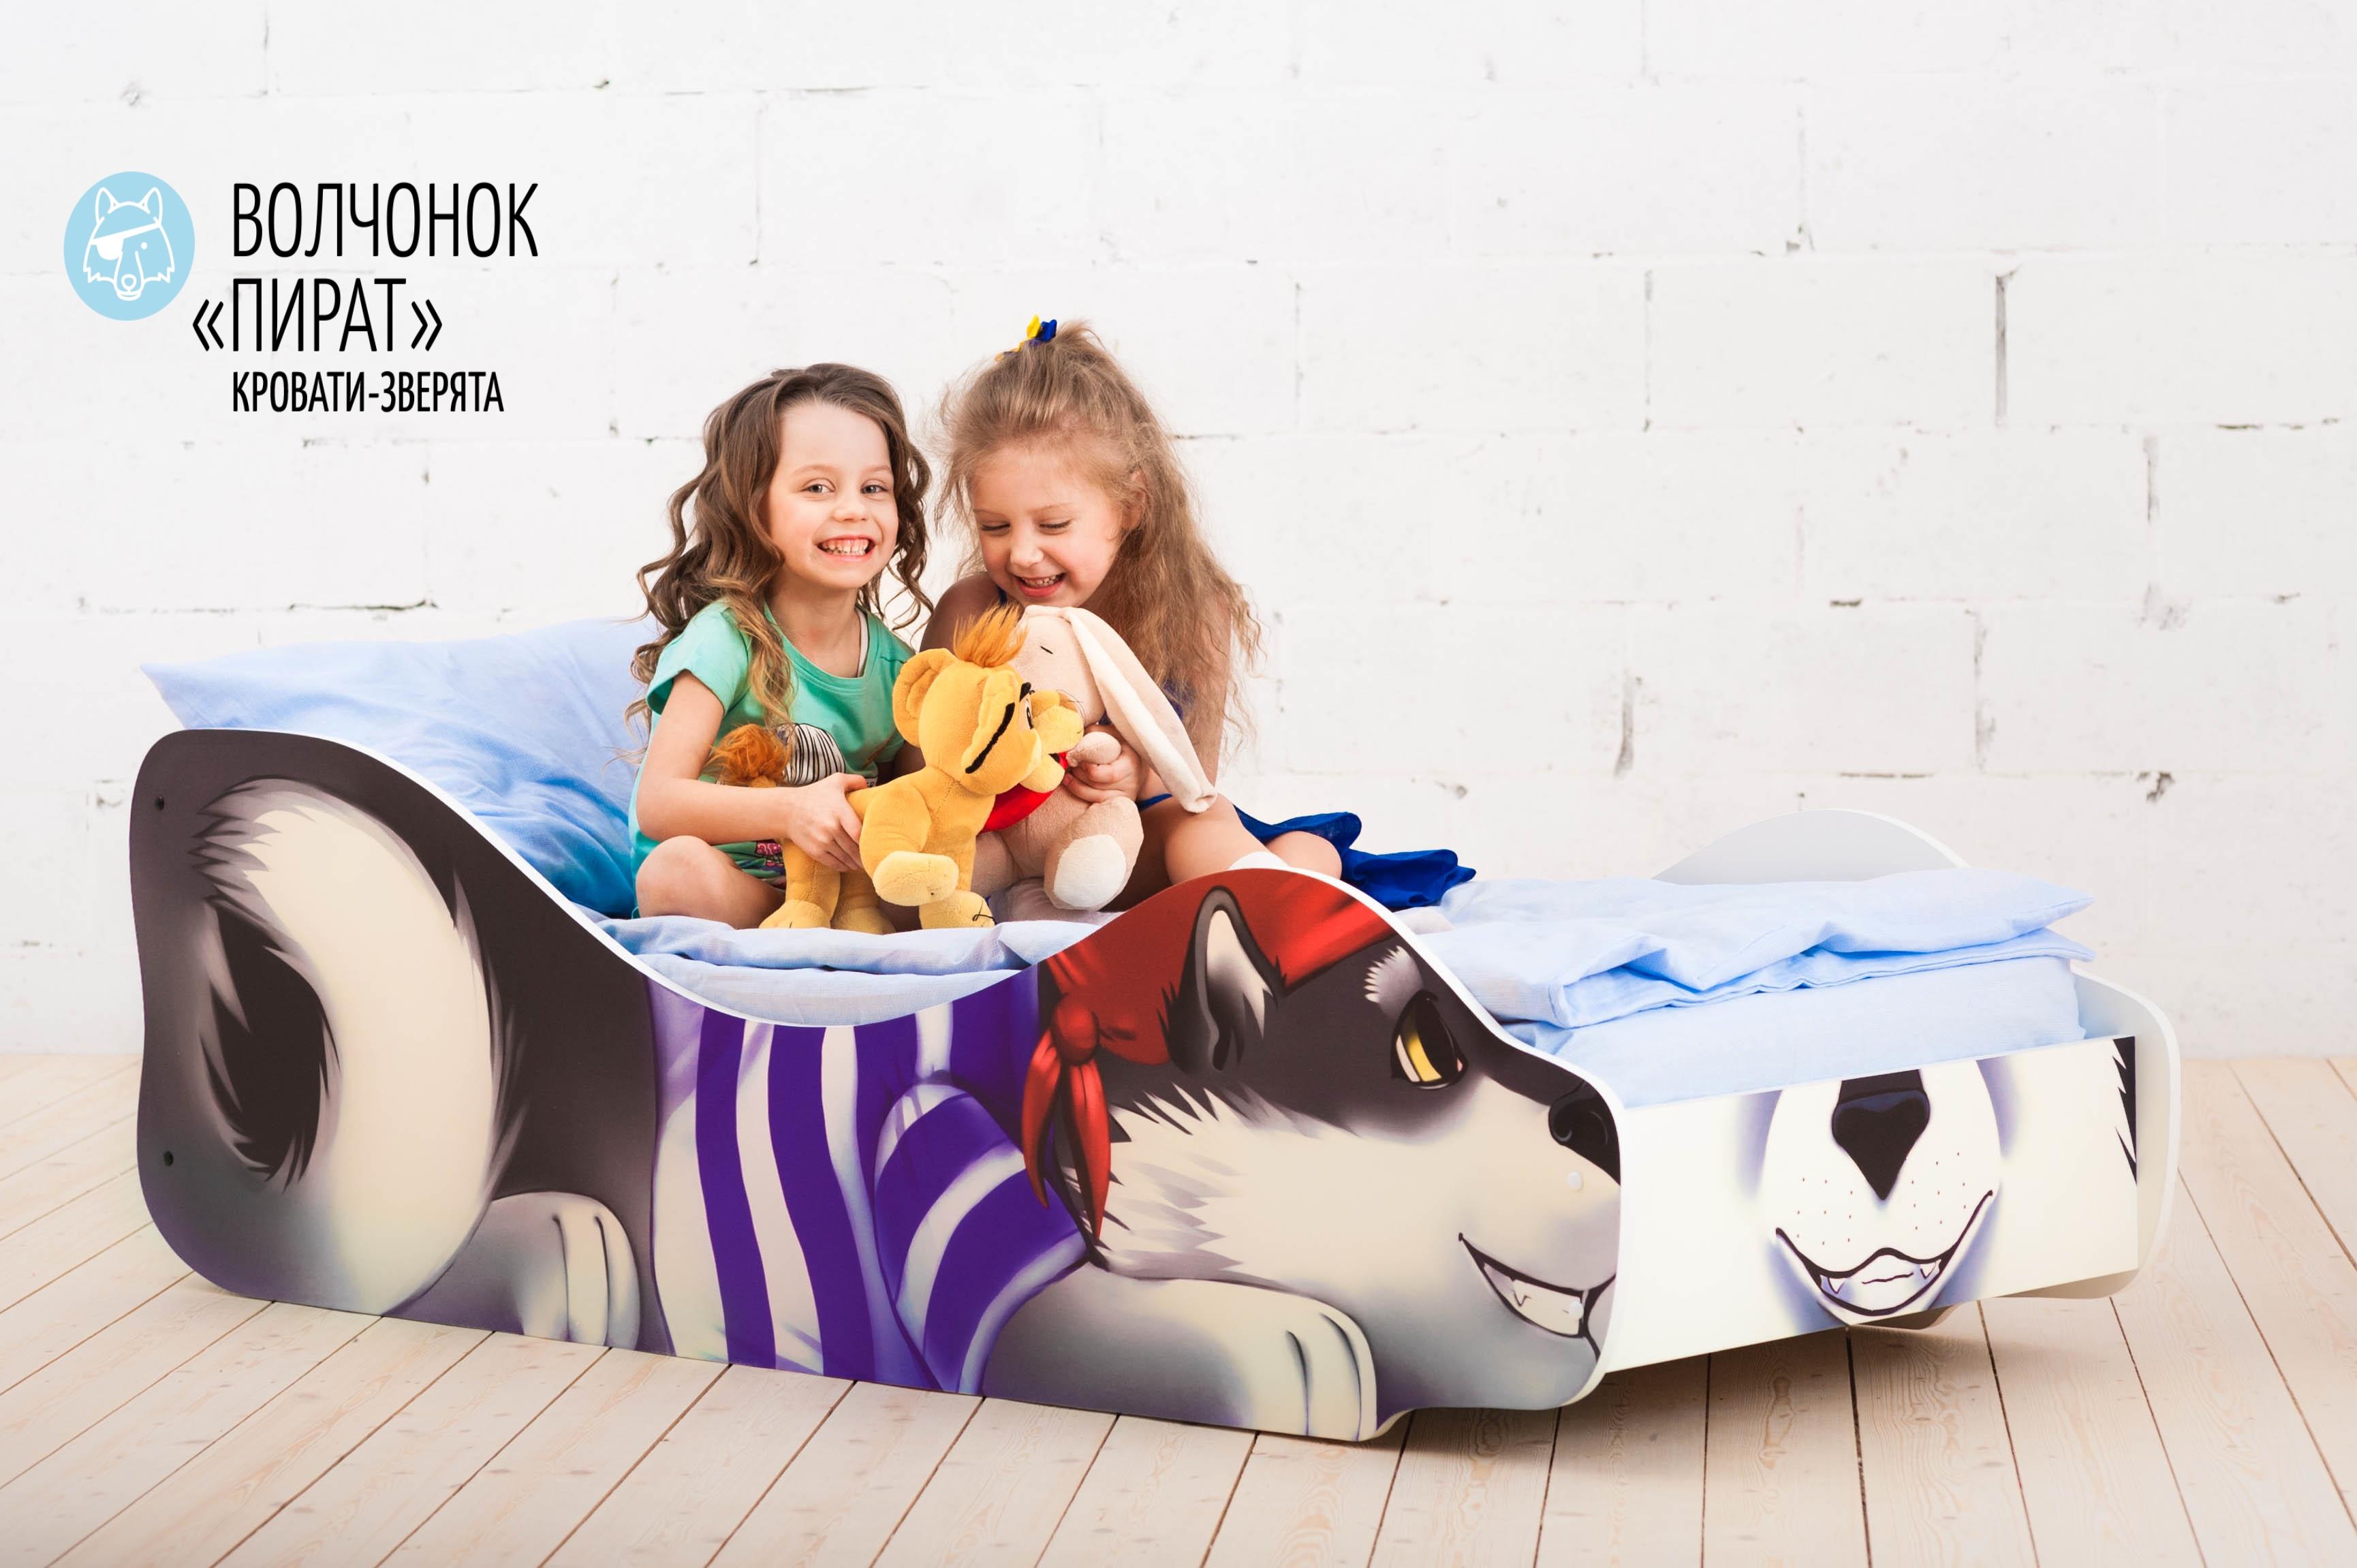 Детская кровать-зверенок -Волчонок-Пират-3